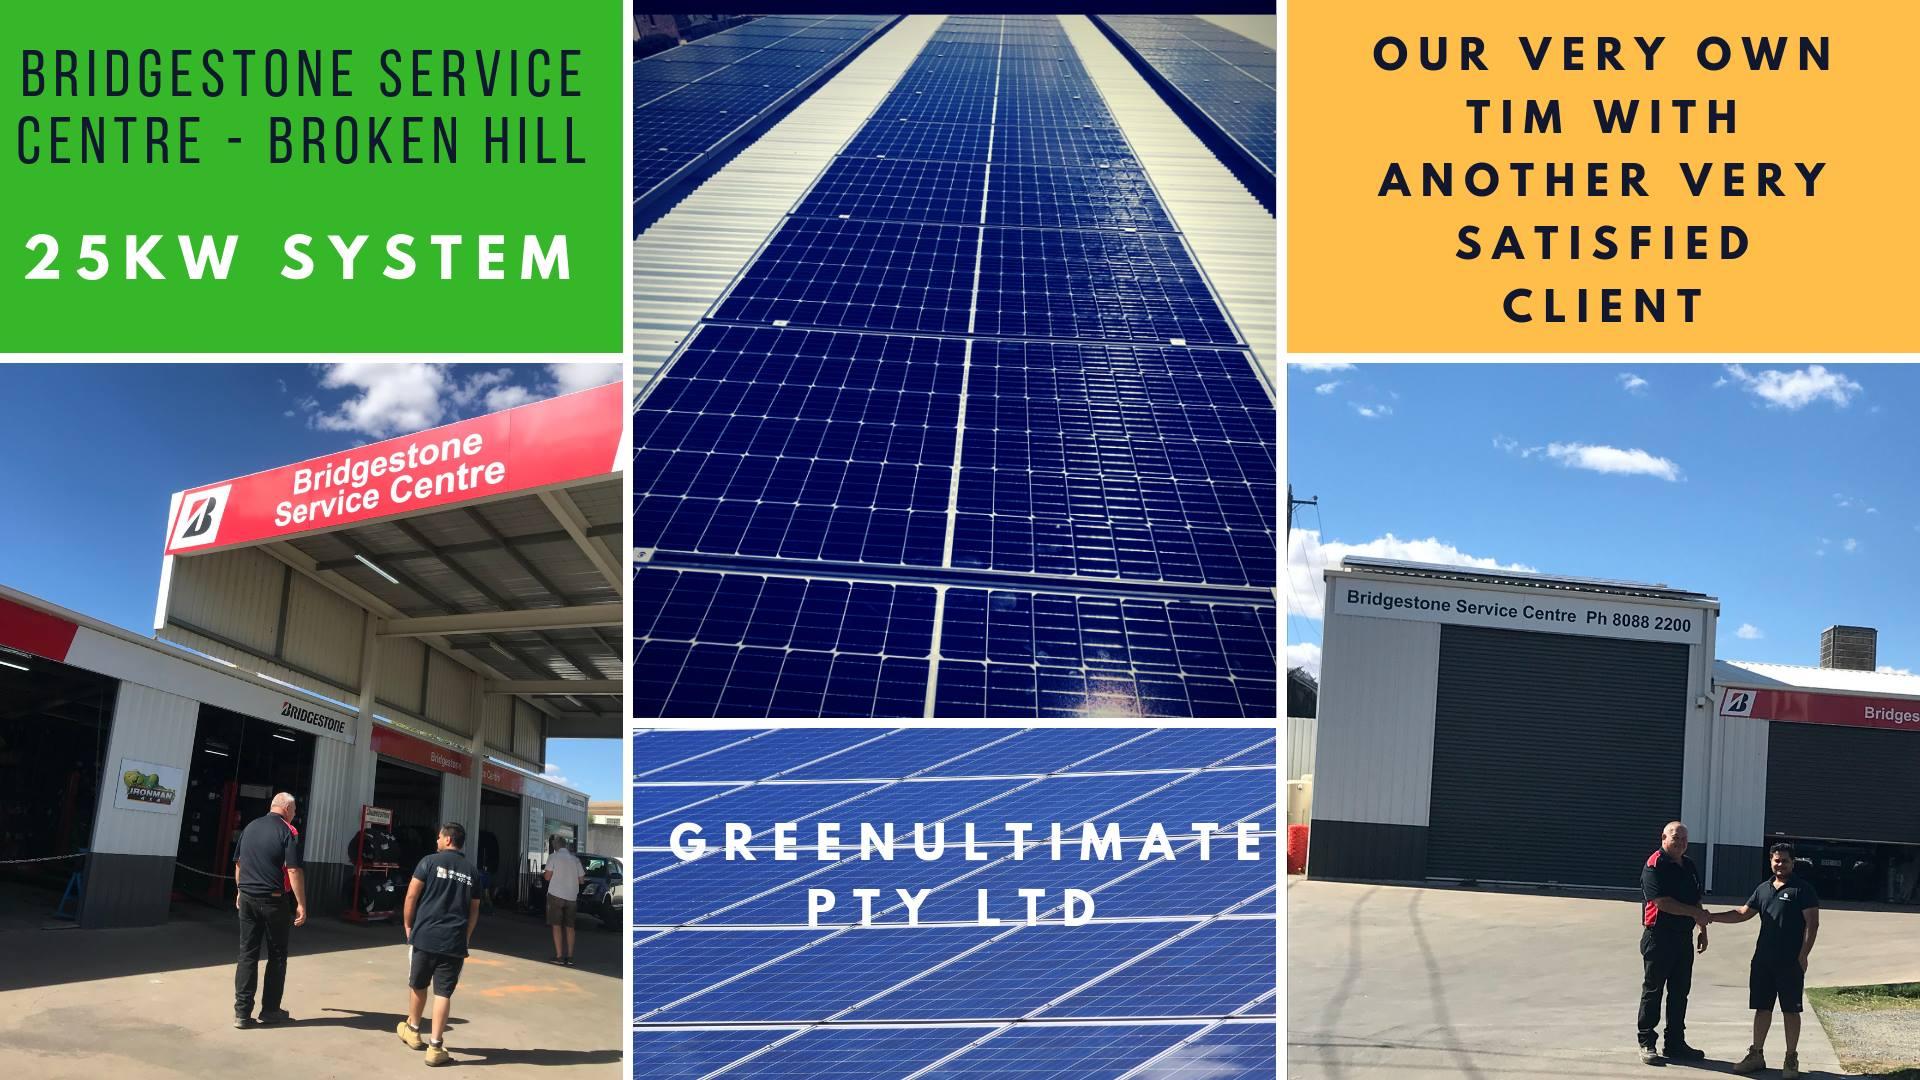 Bridgestone Service Centre - Broken Hill